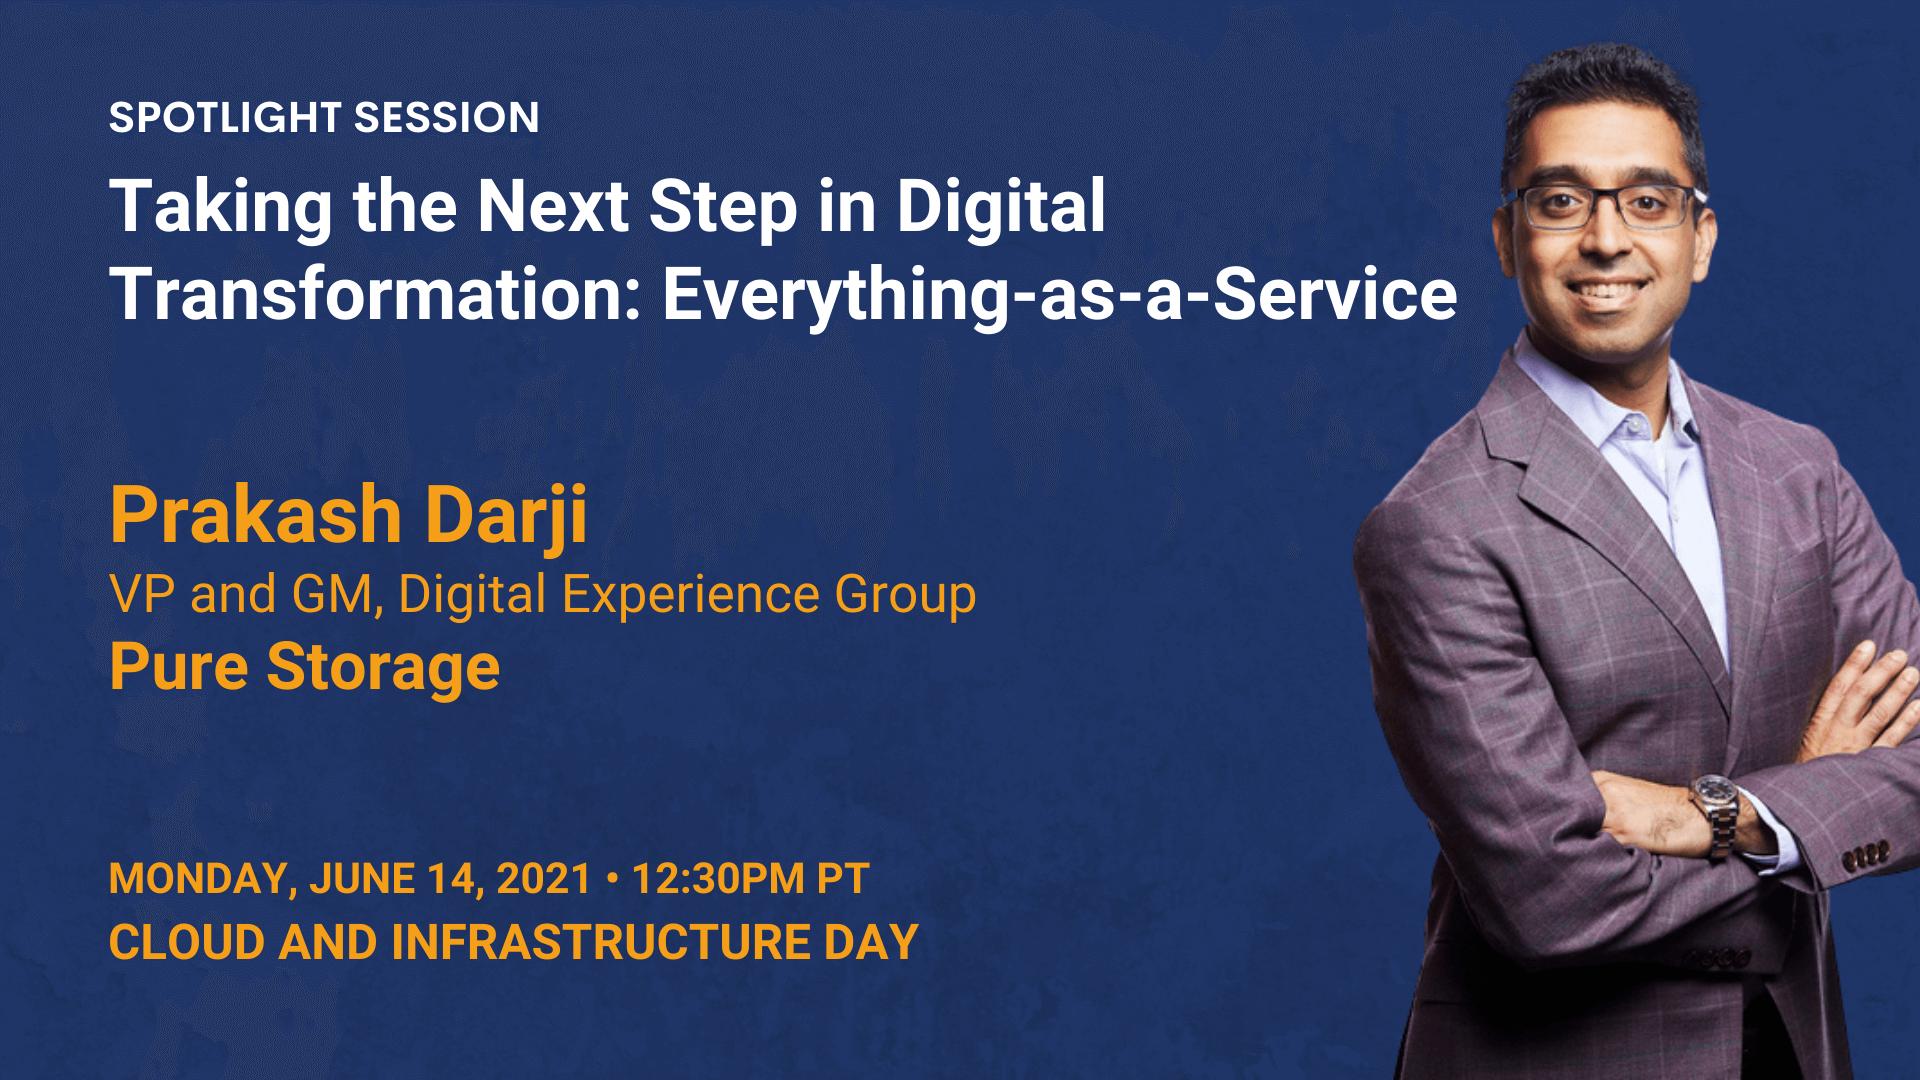 Taking the Next Step in Digital Transformation: Everything-as-a-Service (Prakash Darji)